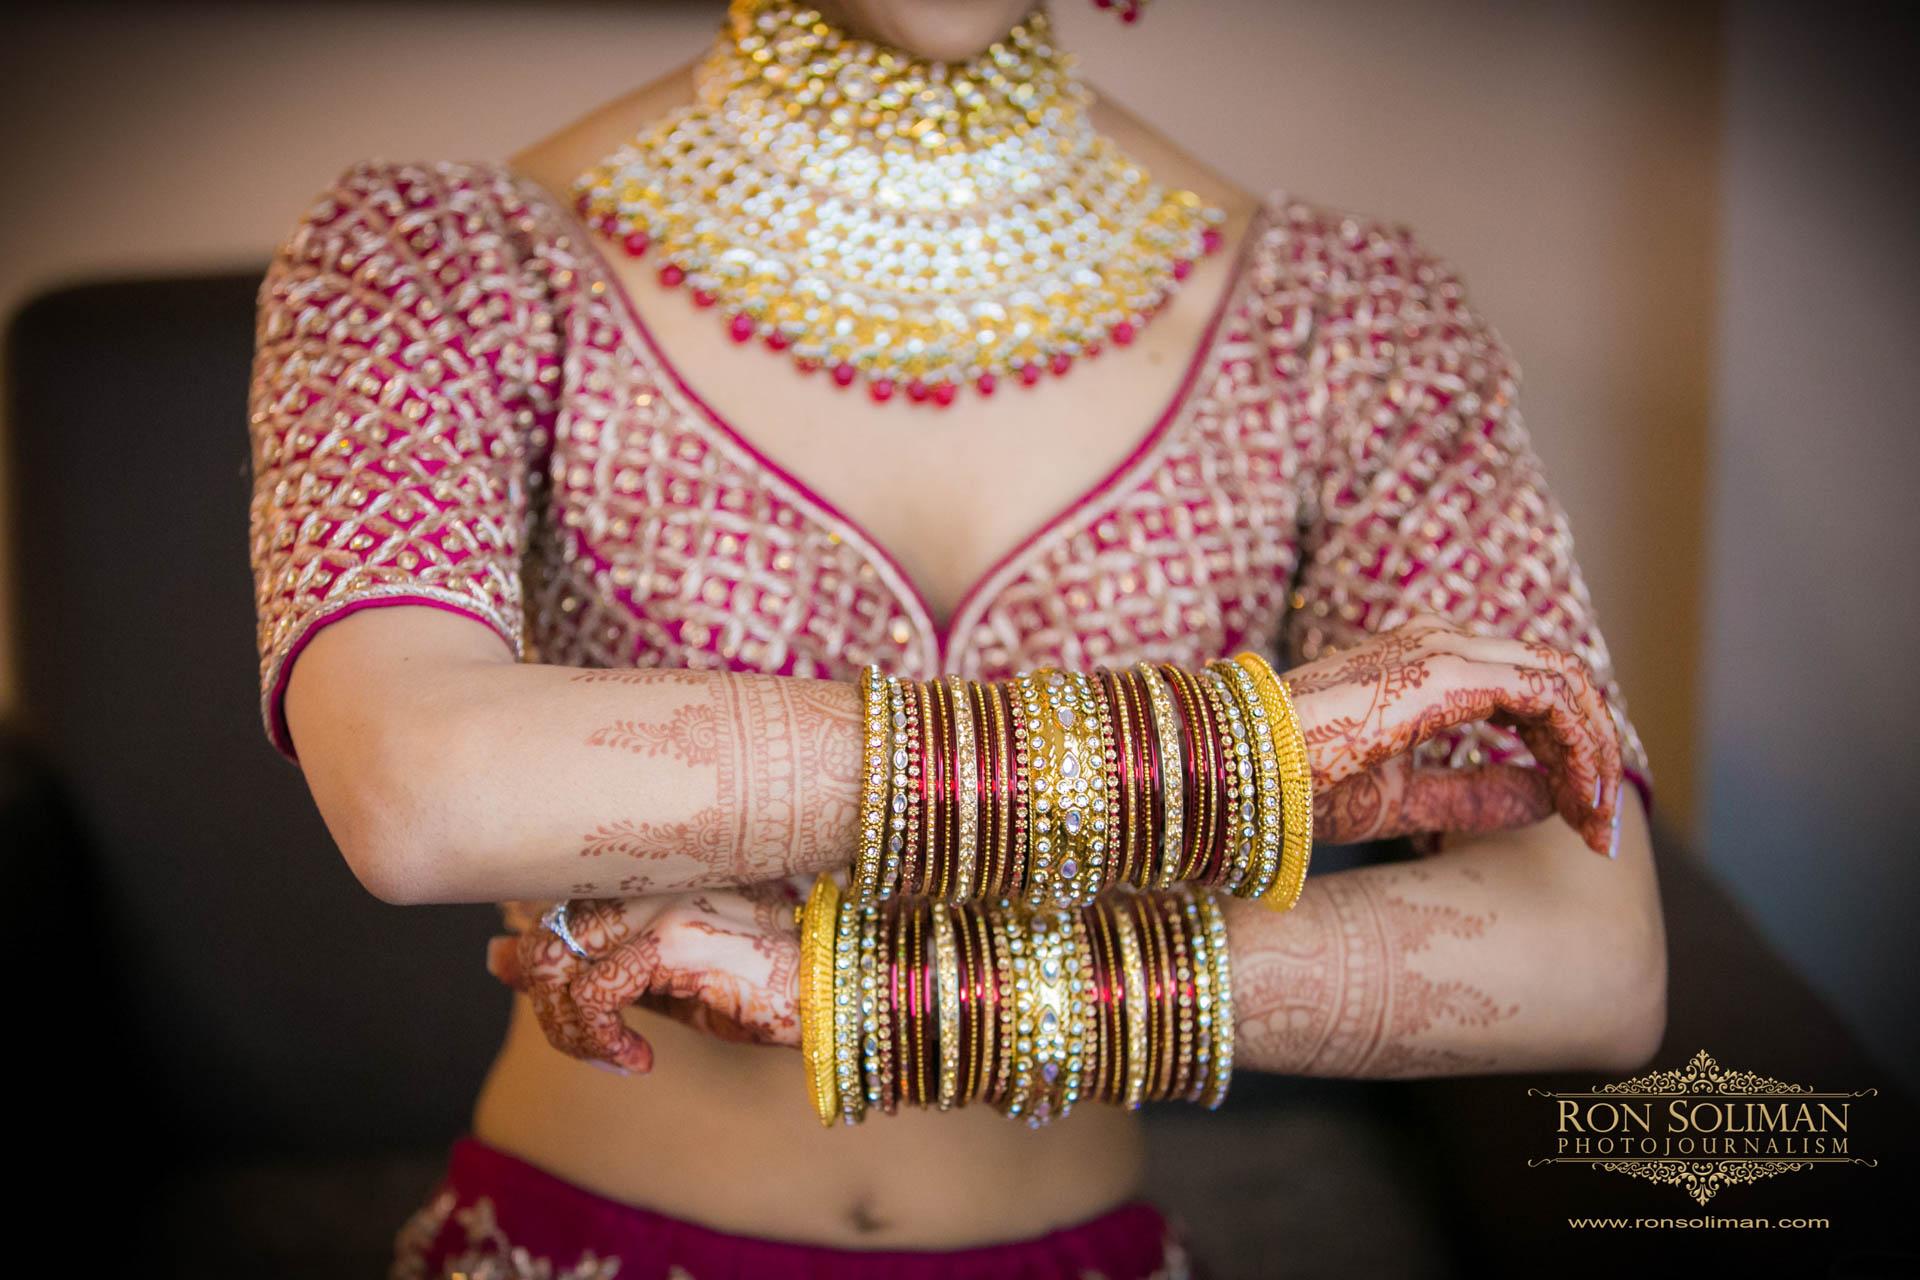 SHERATON MAHWAH INDIAN WEDDING 5